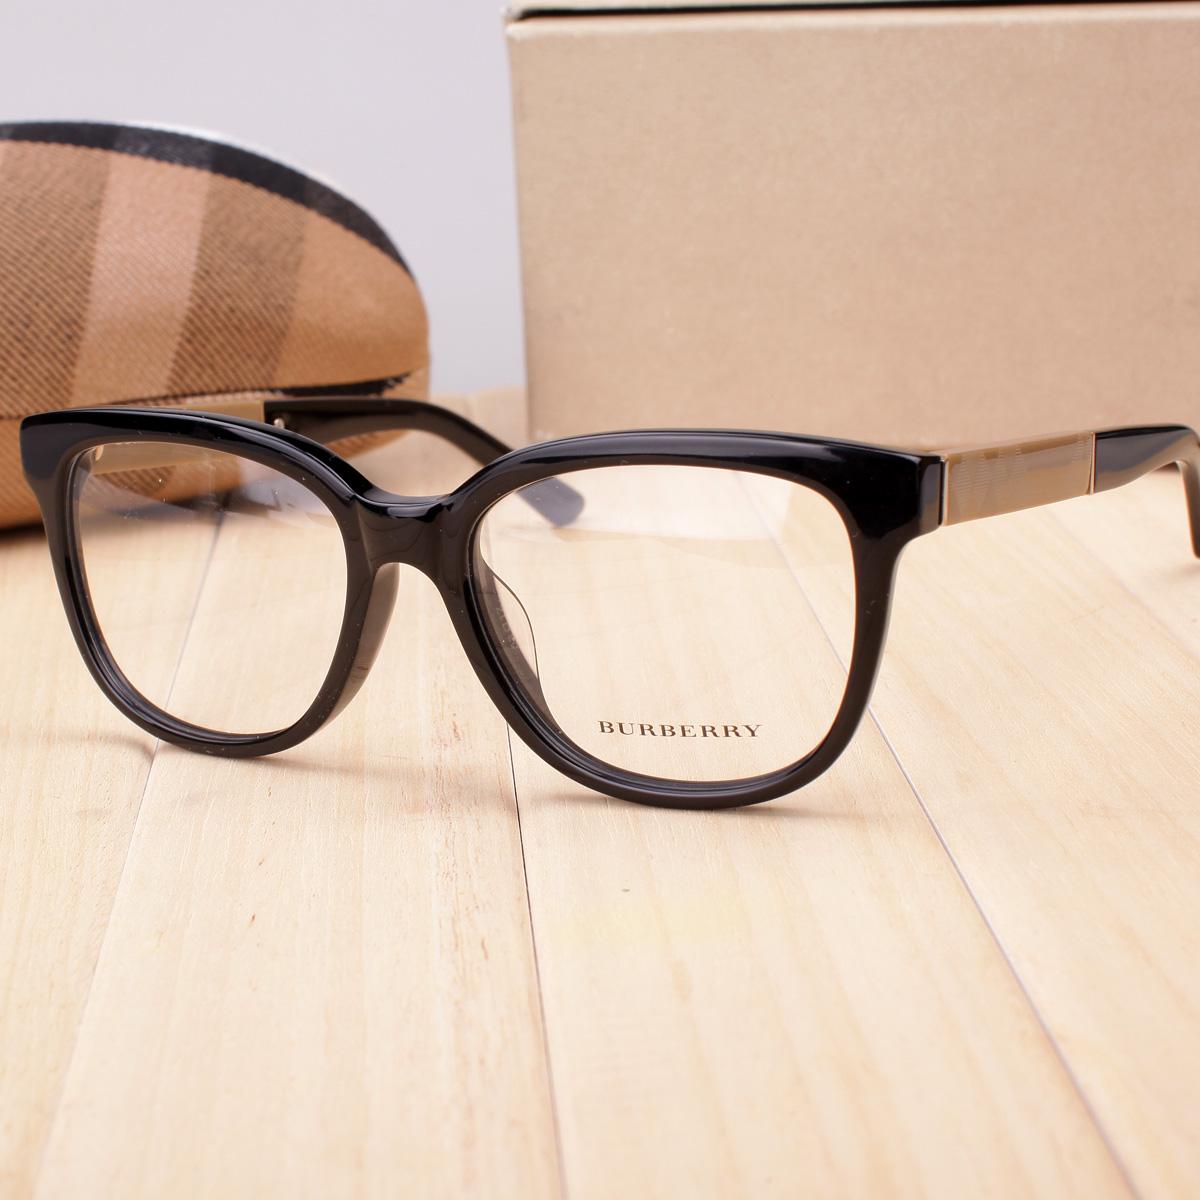 Vintage Large Frame Glasses : New arrival vintage plaid big box eyeglasses frame vintage ...